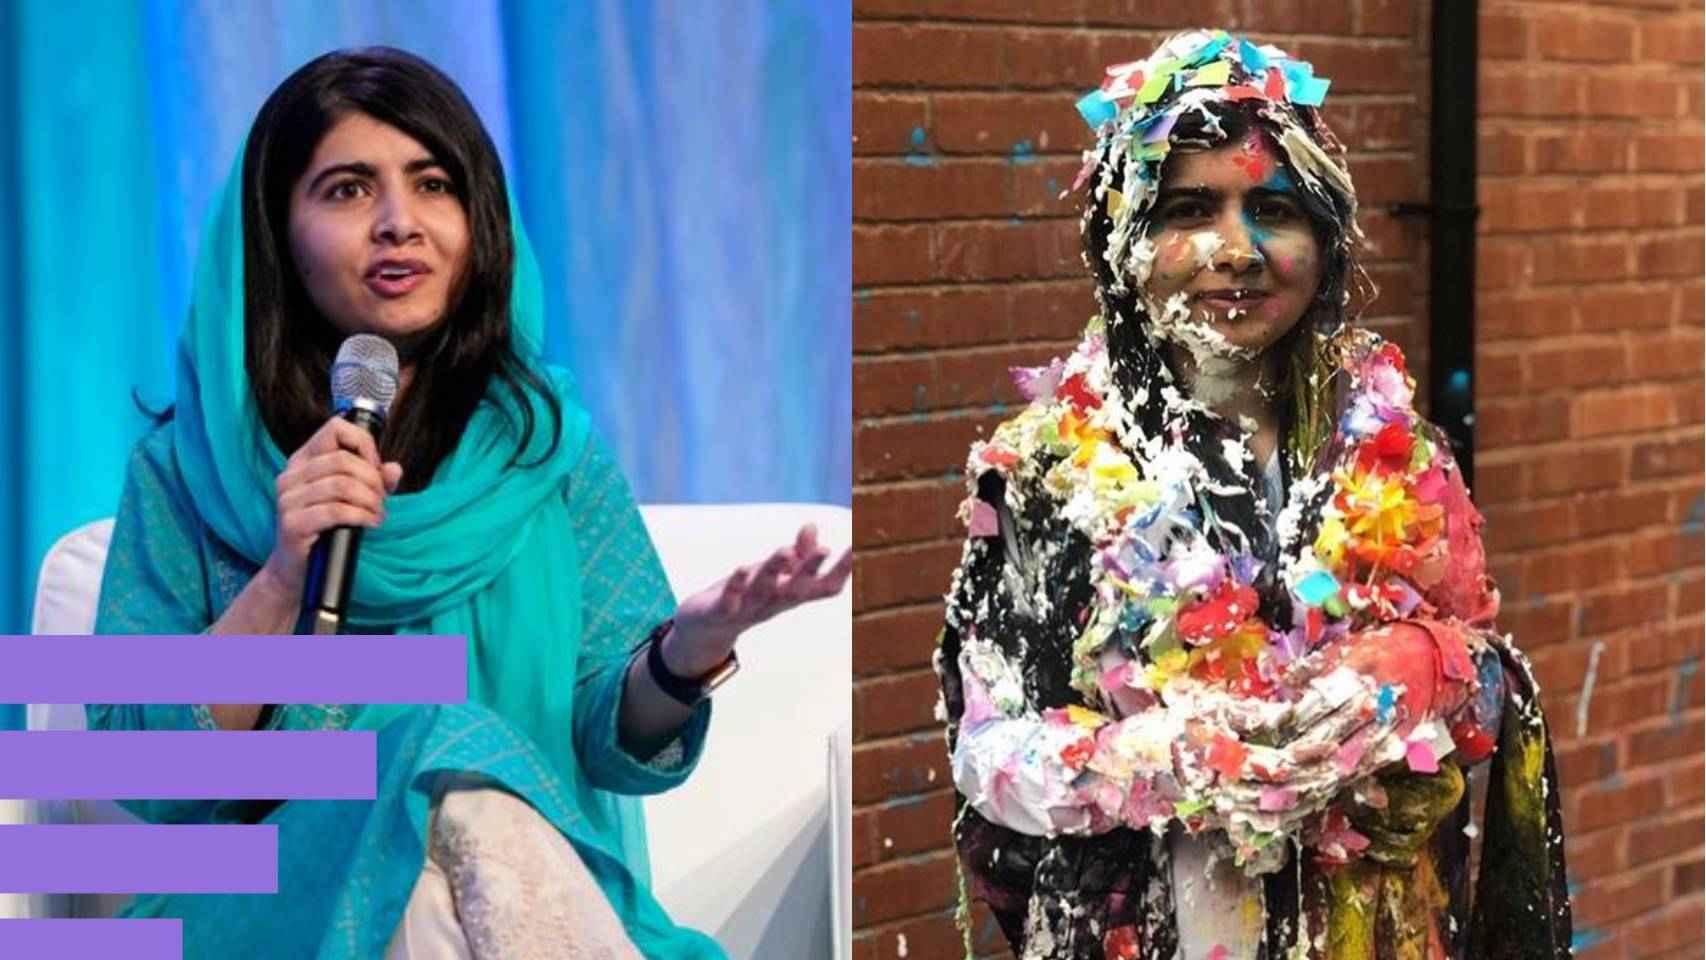 Malala, a la izquierda durante una conferencia en 2019, y a la derecha después de una tradición por la que los estudiantes se tiran confeti y espuma al terminar los exámenes.